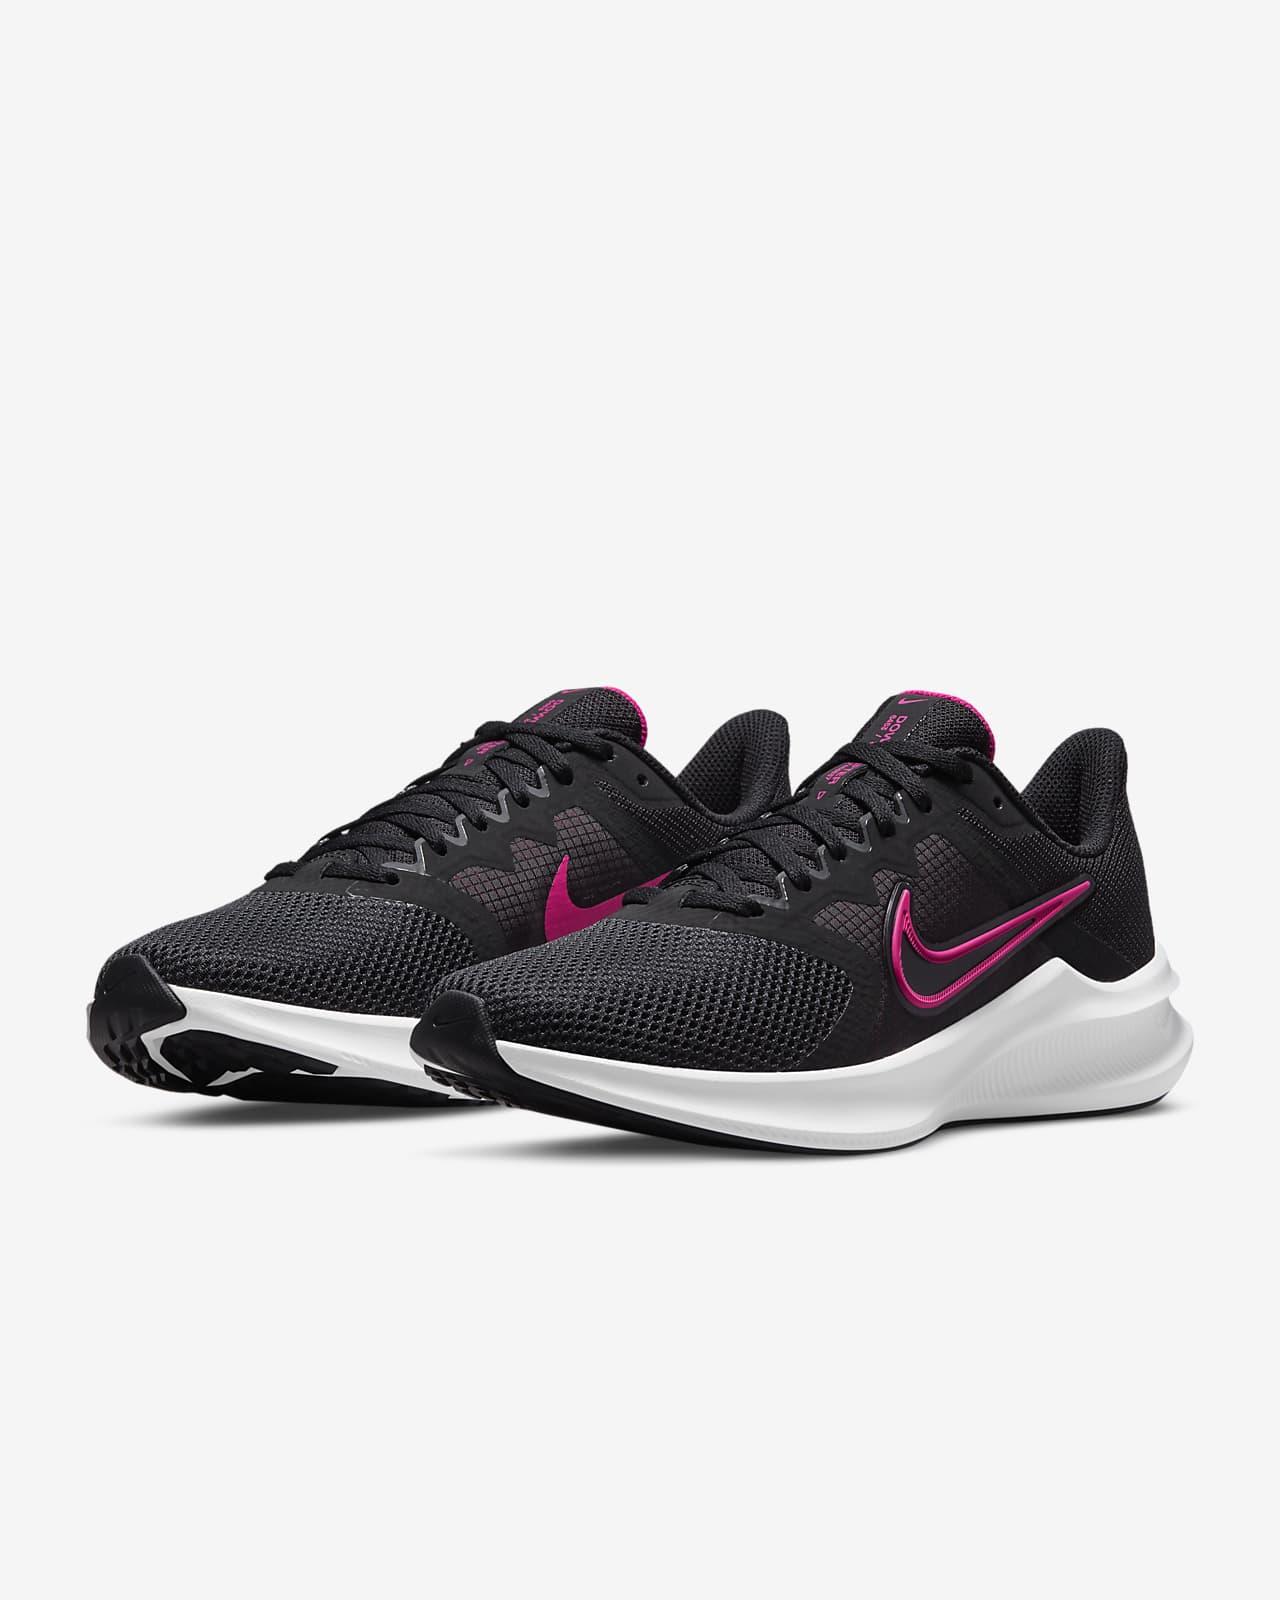 Chaussure de running Nike Downshifter 11 pour Femme